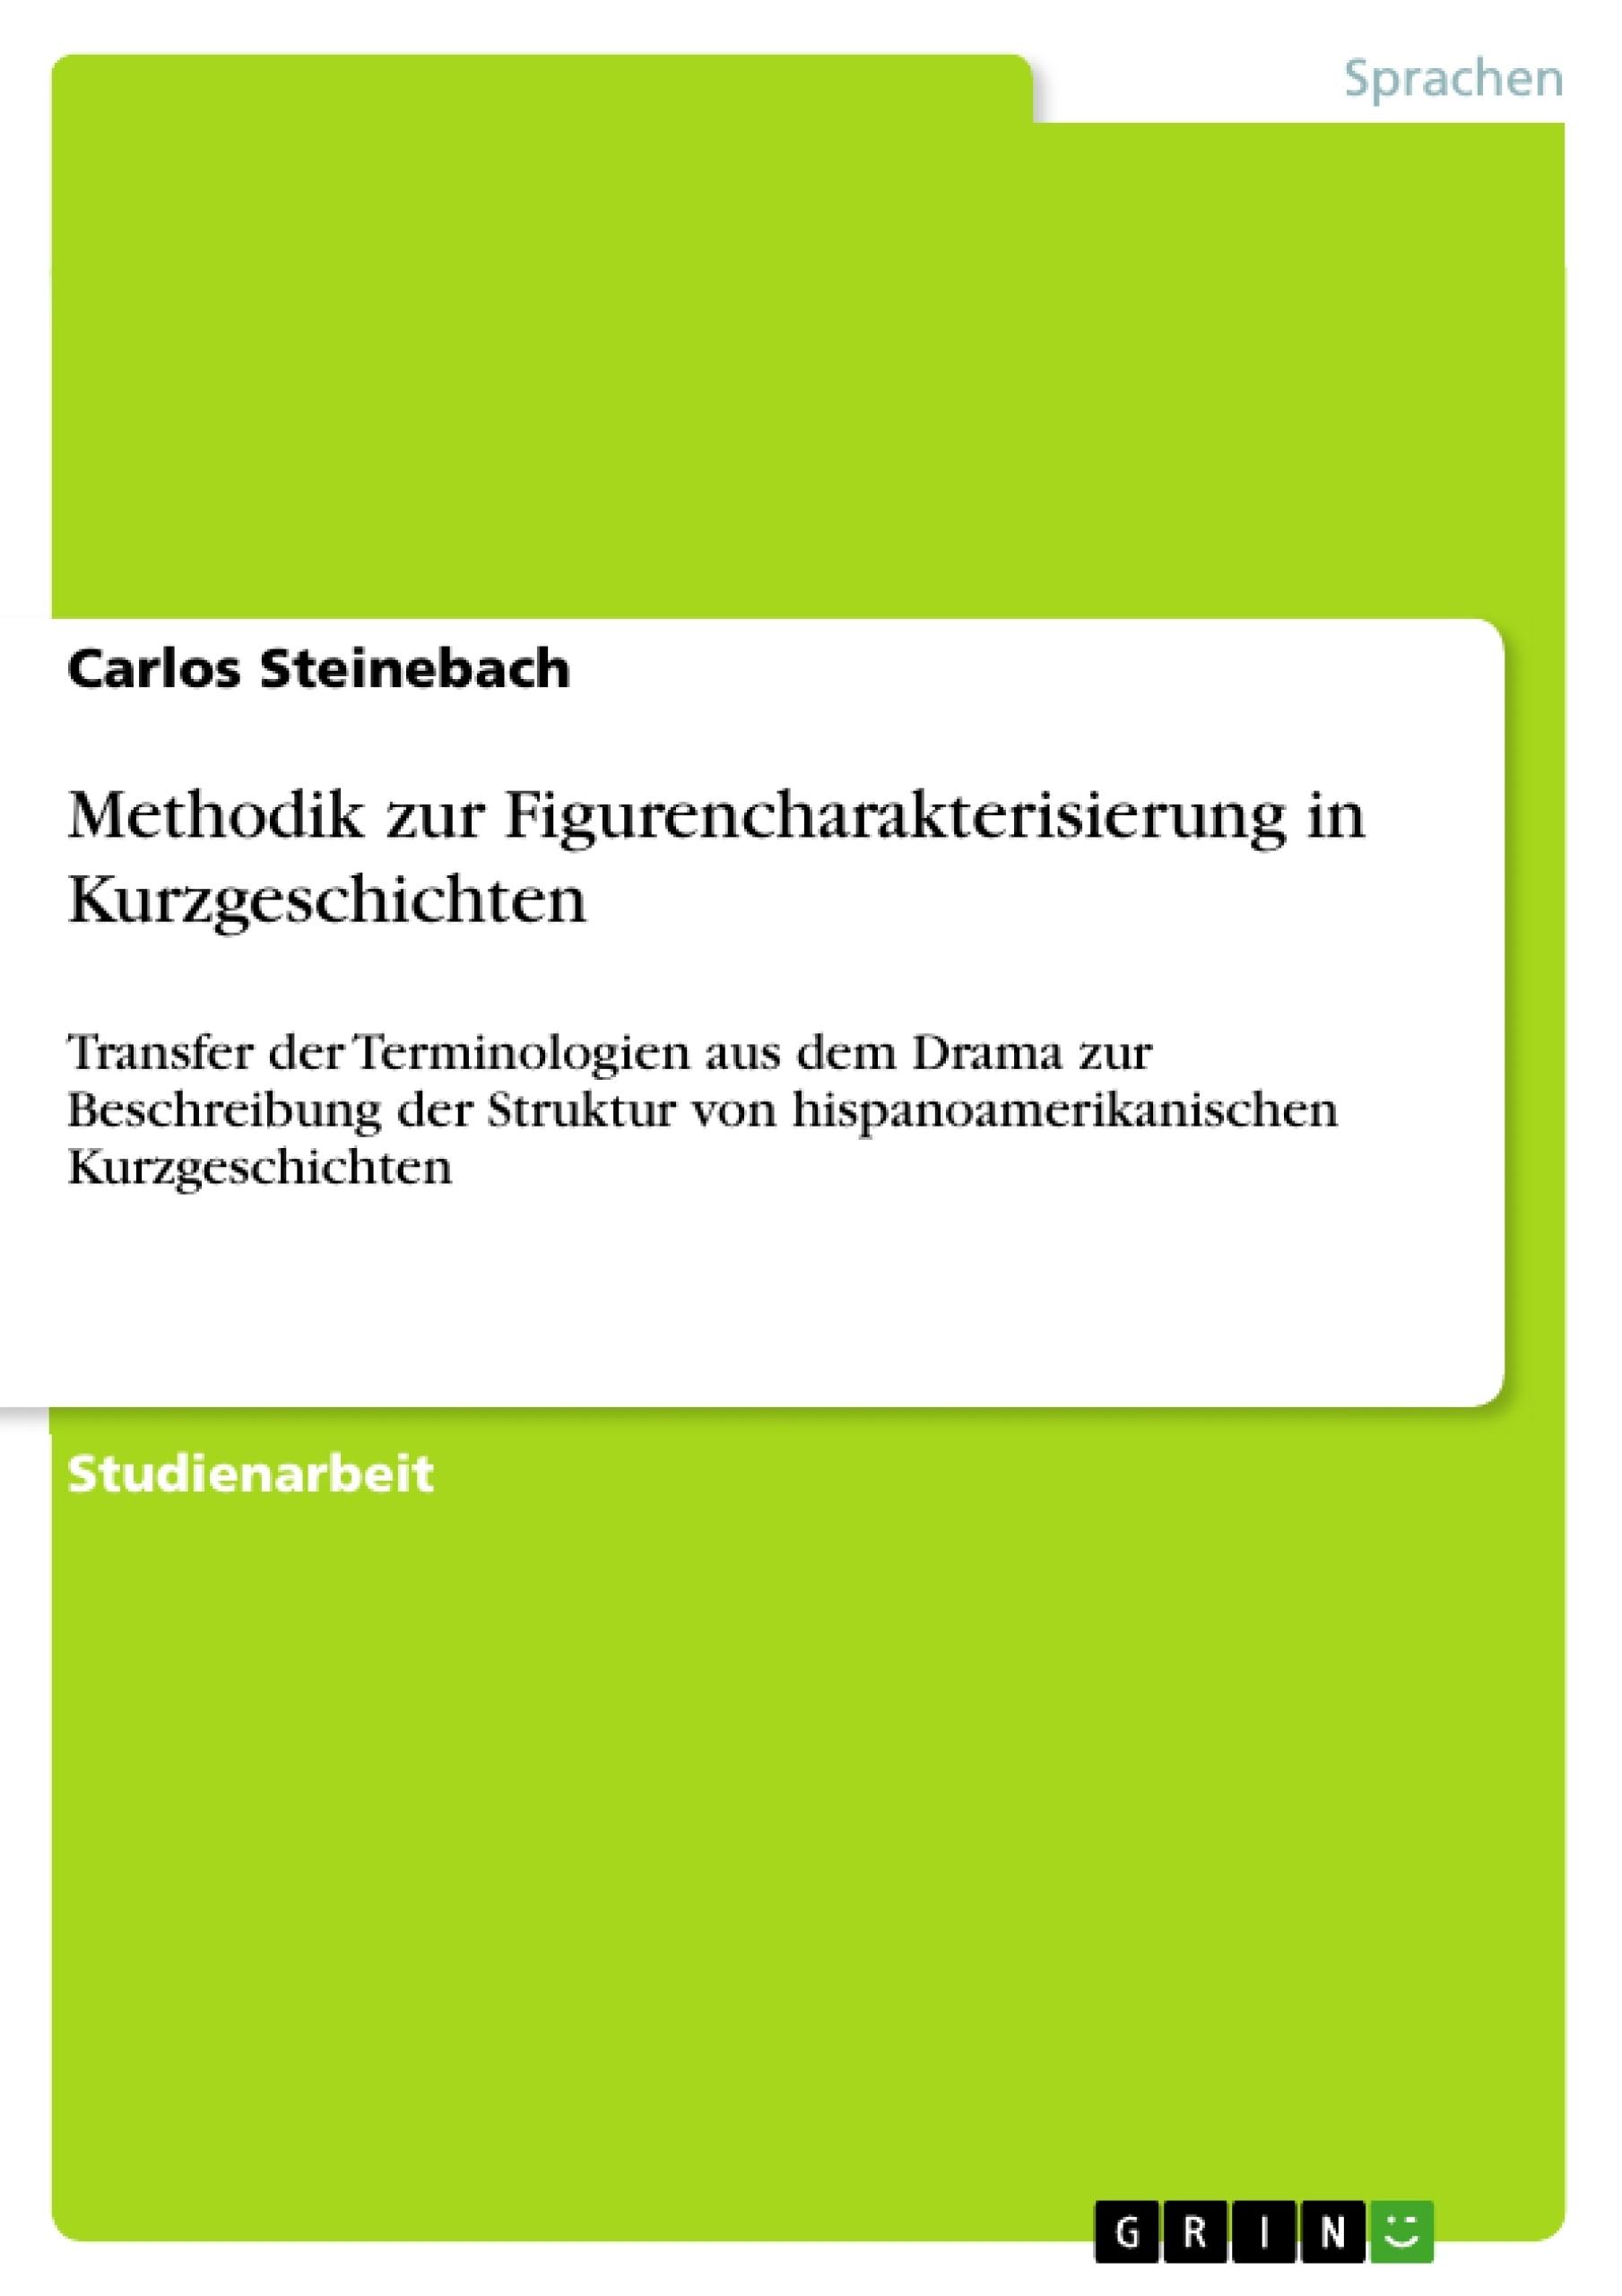 Titel: Methodik zur Figurencharakterisierung in Kurzgeschichten